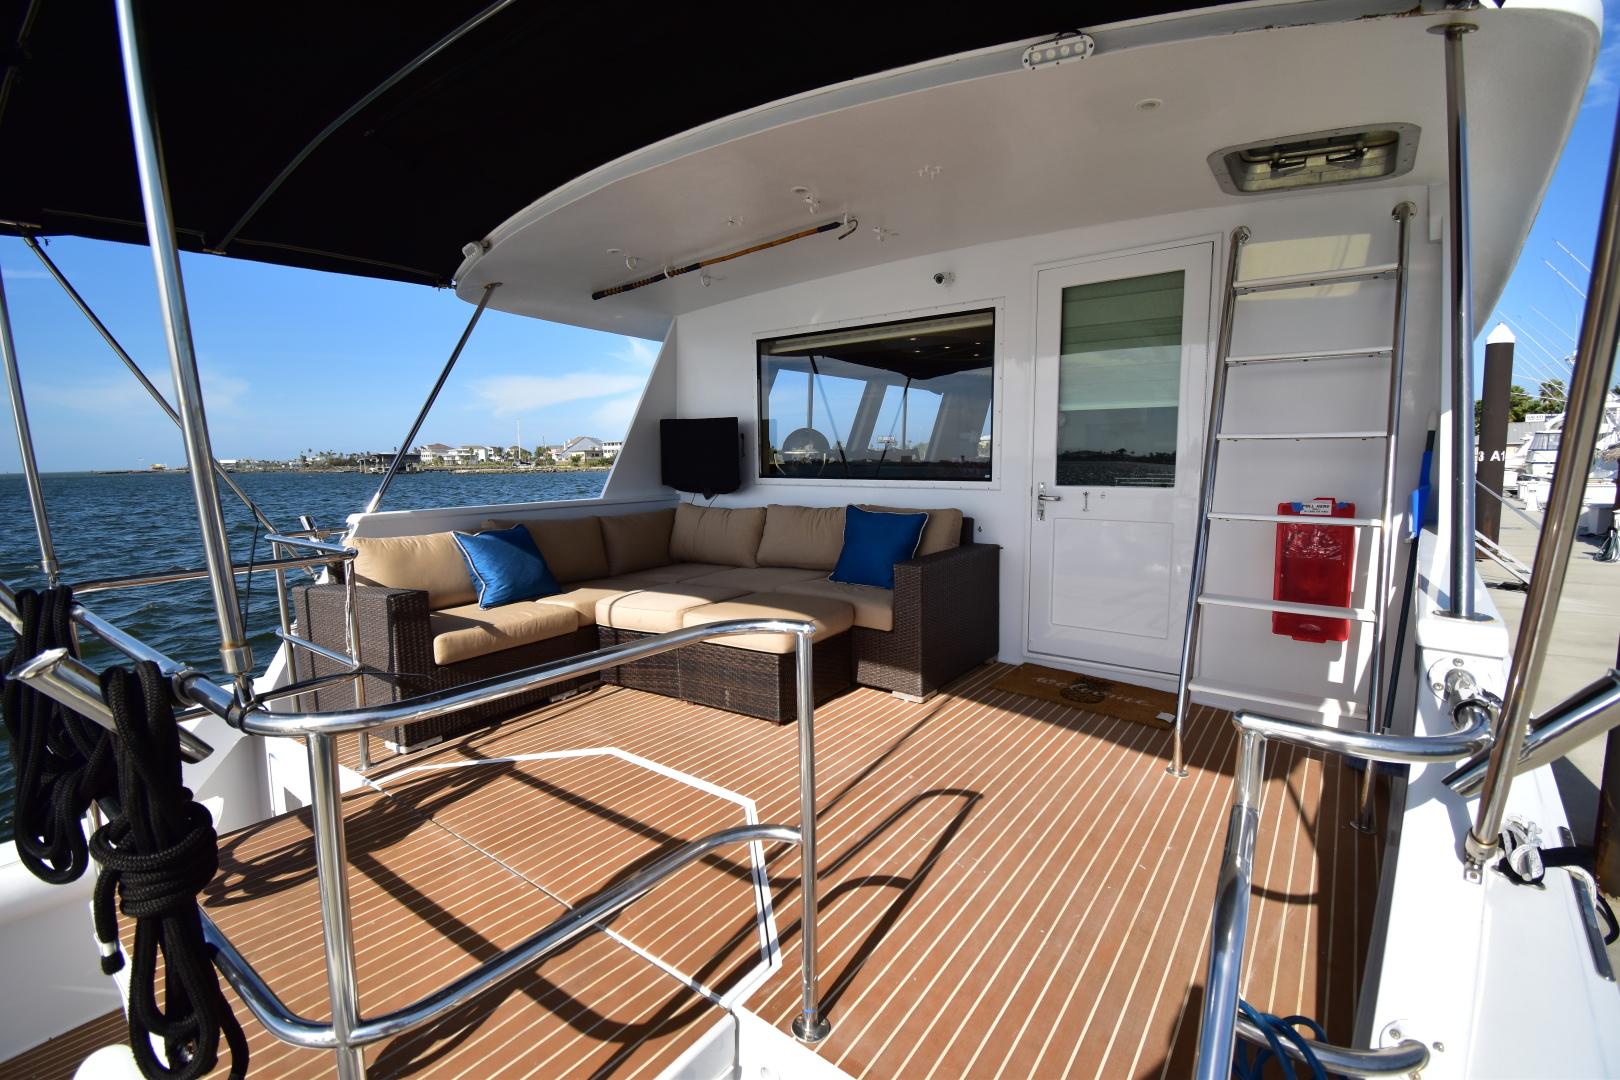 Hatteras-82 Cockpit Motor Yacht 1985-Papillon Seabrook-Texas-United States-Hatteras Motor Yacht 1985 Papillon-1345369 | Thumbnail